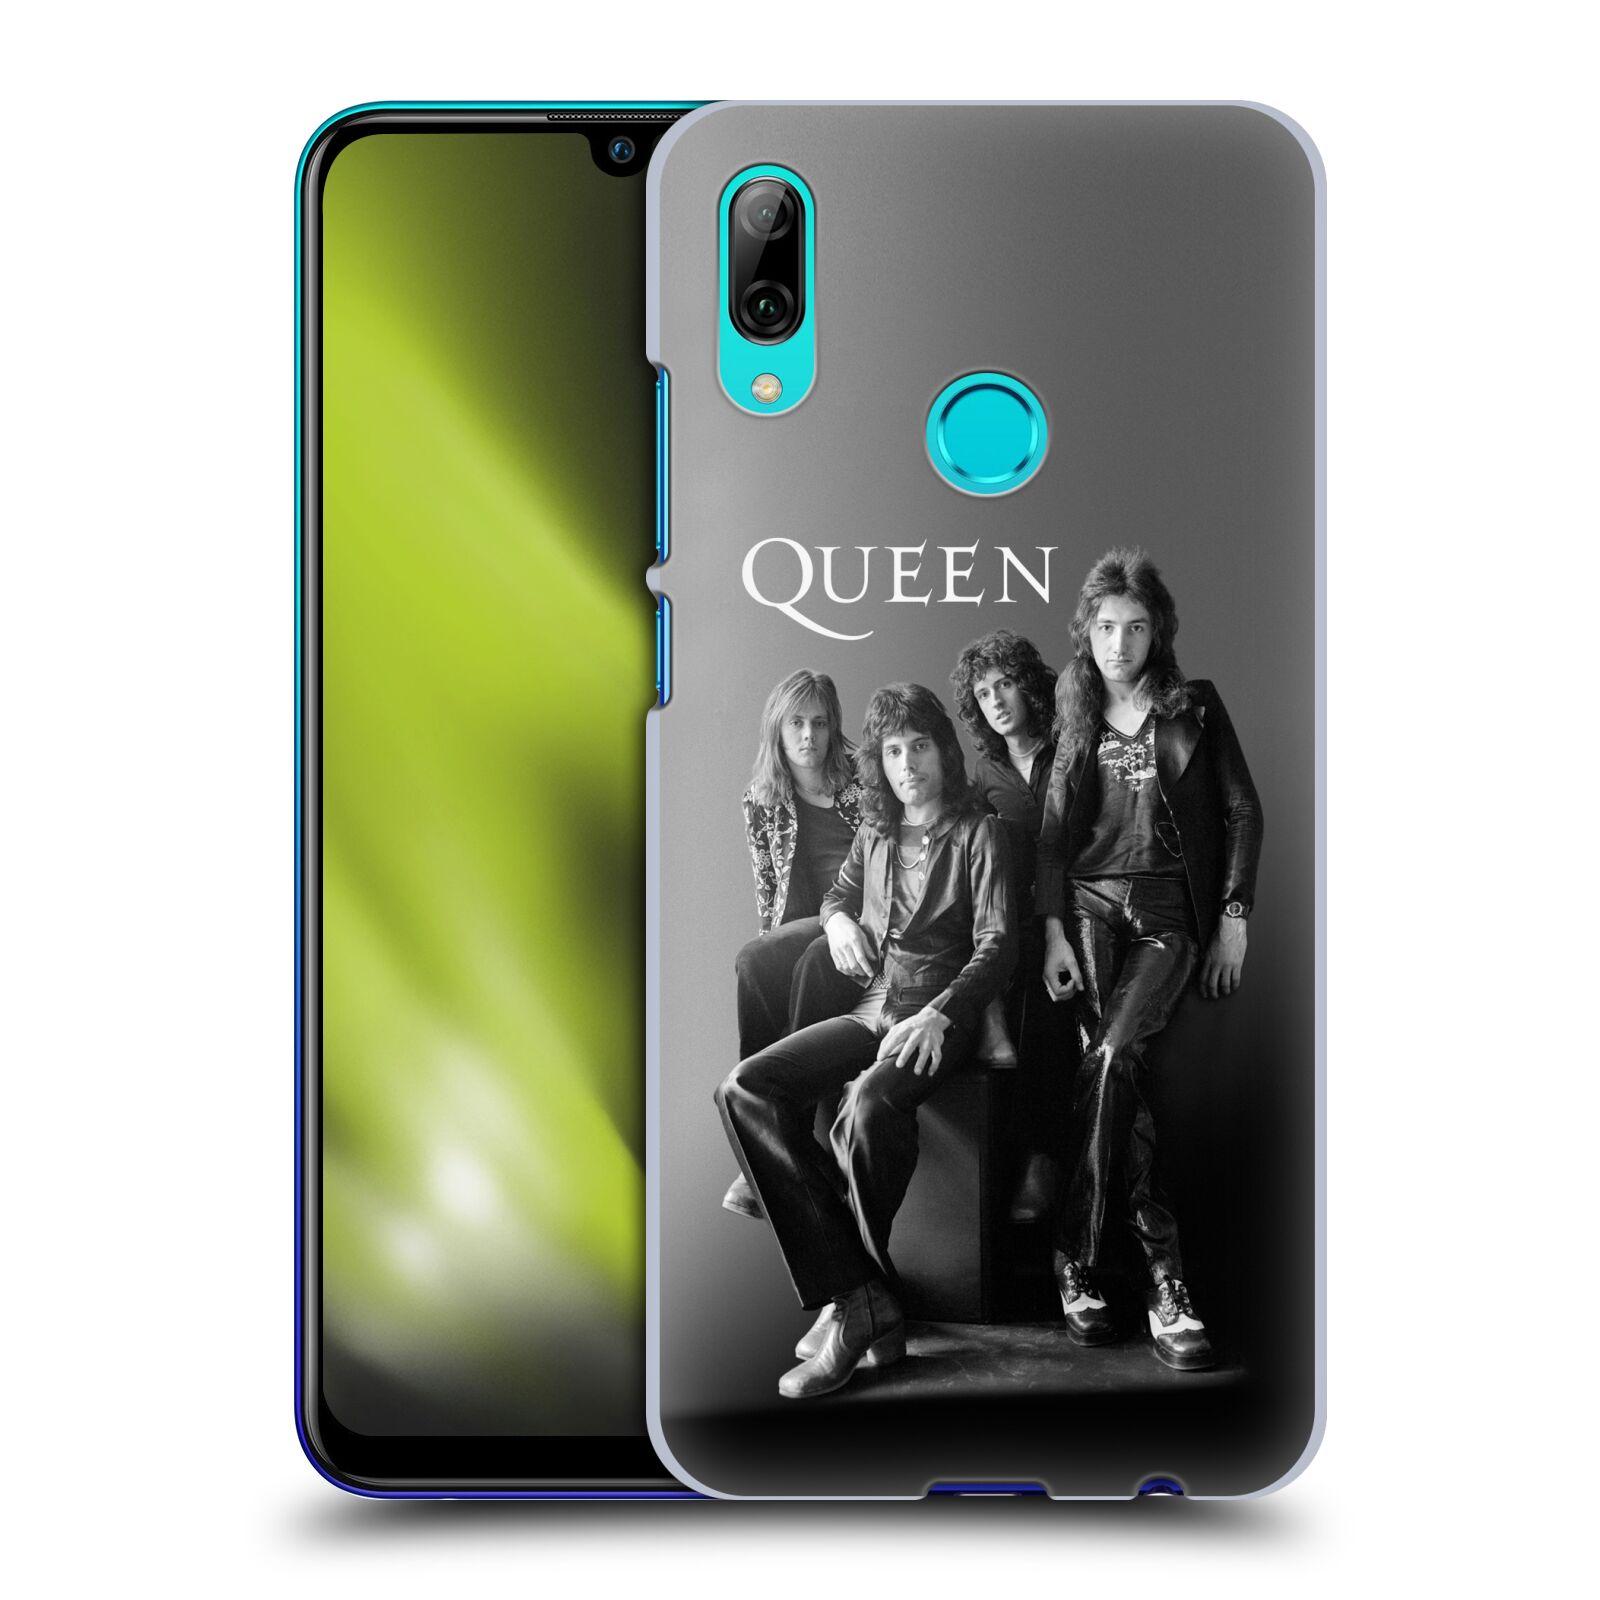 Plastové pouzdro na mobil Honor 10 Lite - Head Case - Queen - Skupina